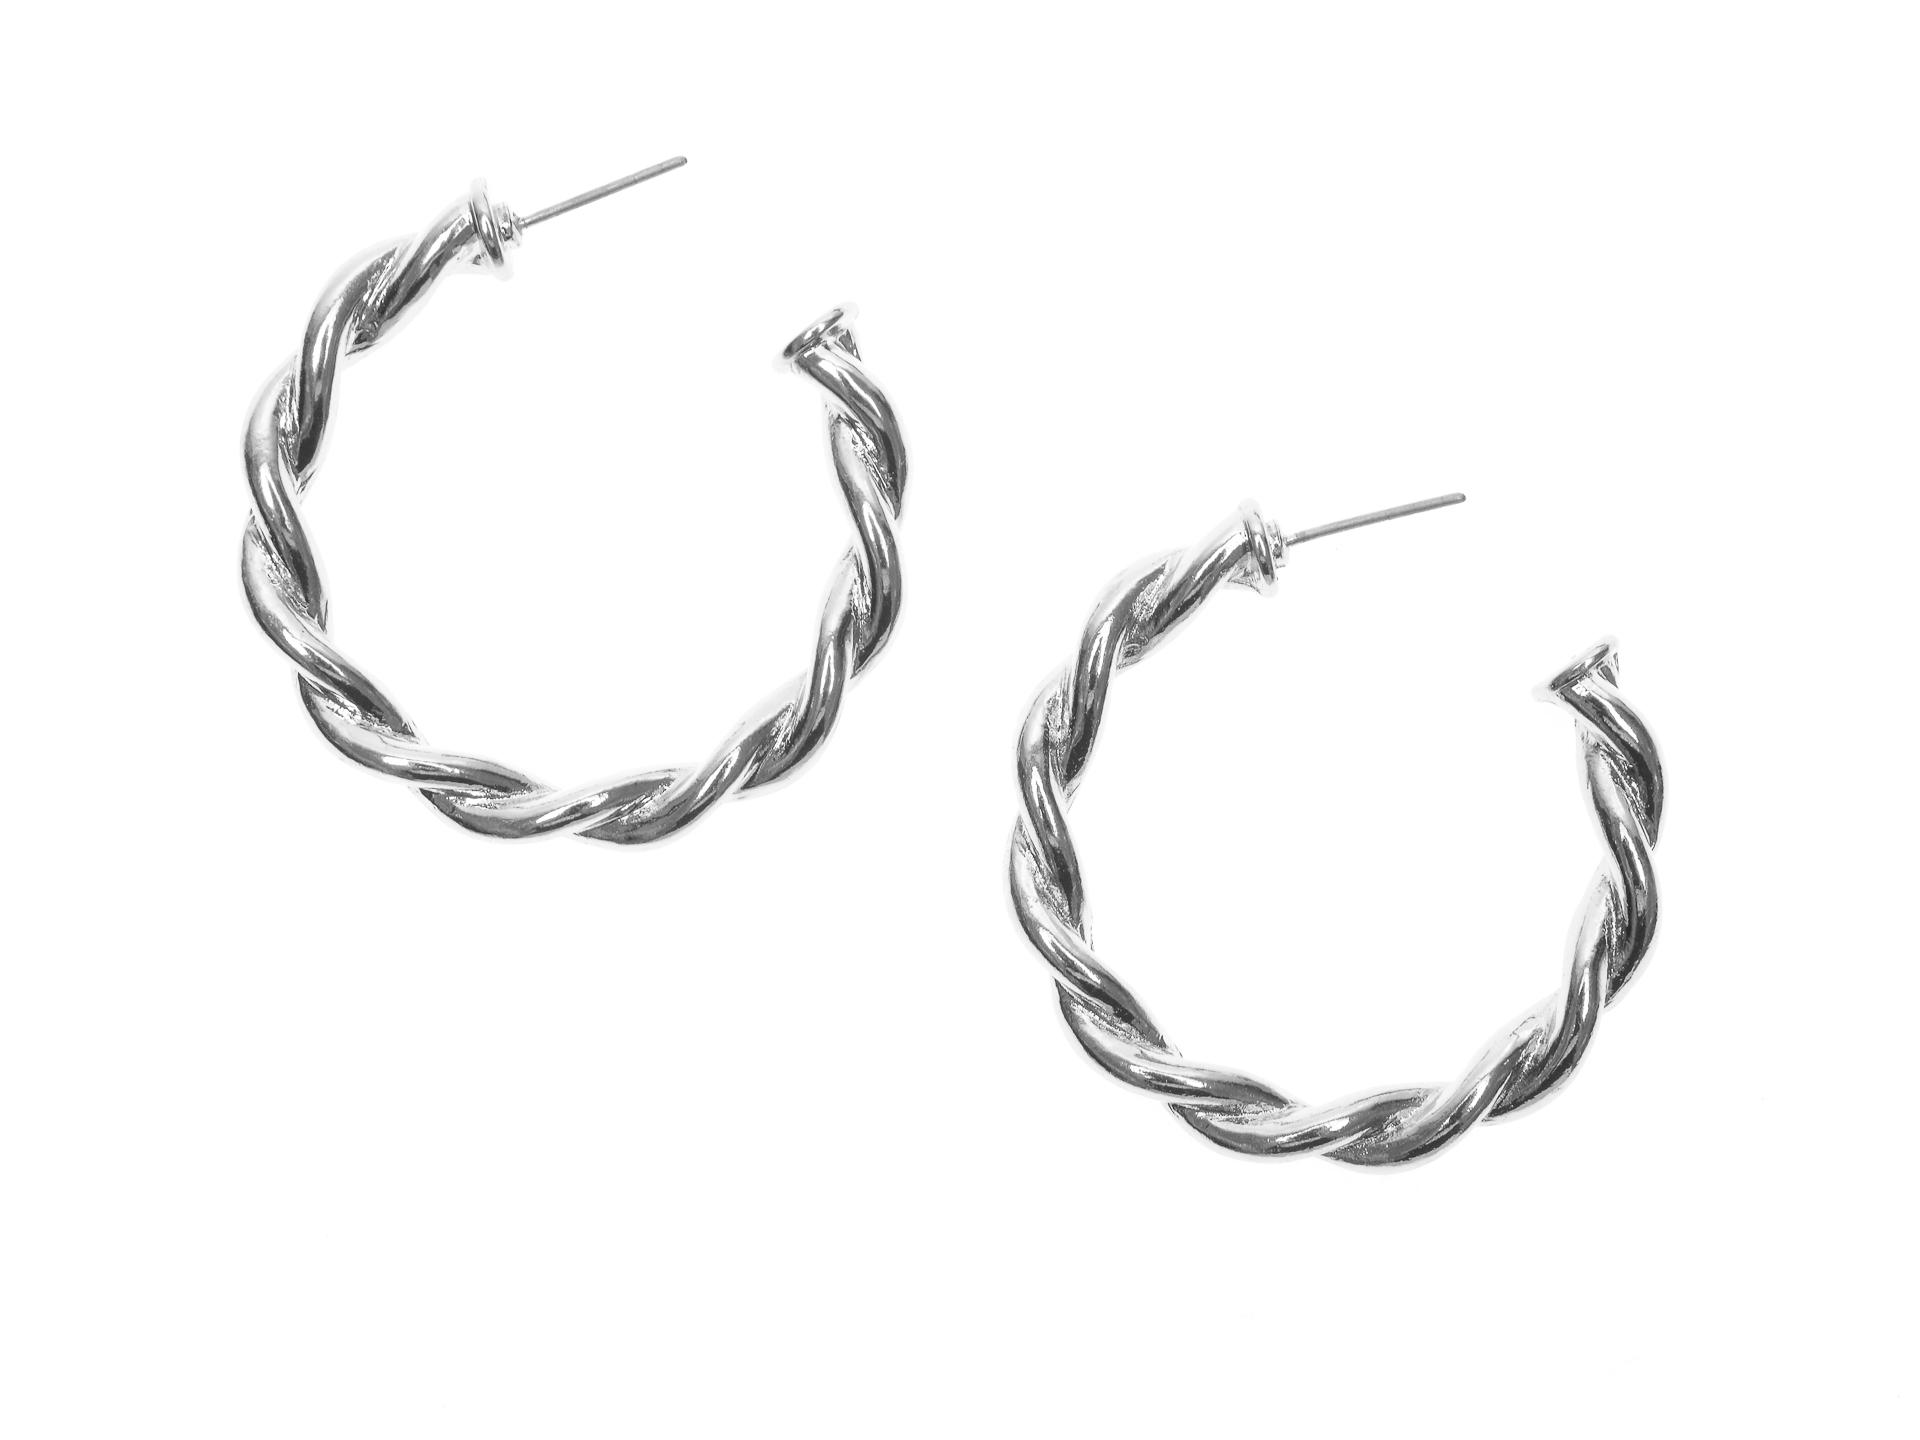 Cercei ALDO argintii, Bruggema040, din metal